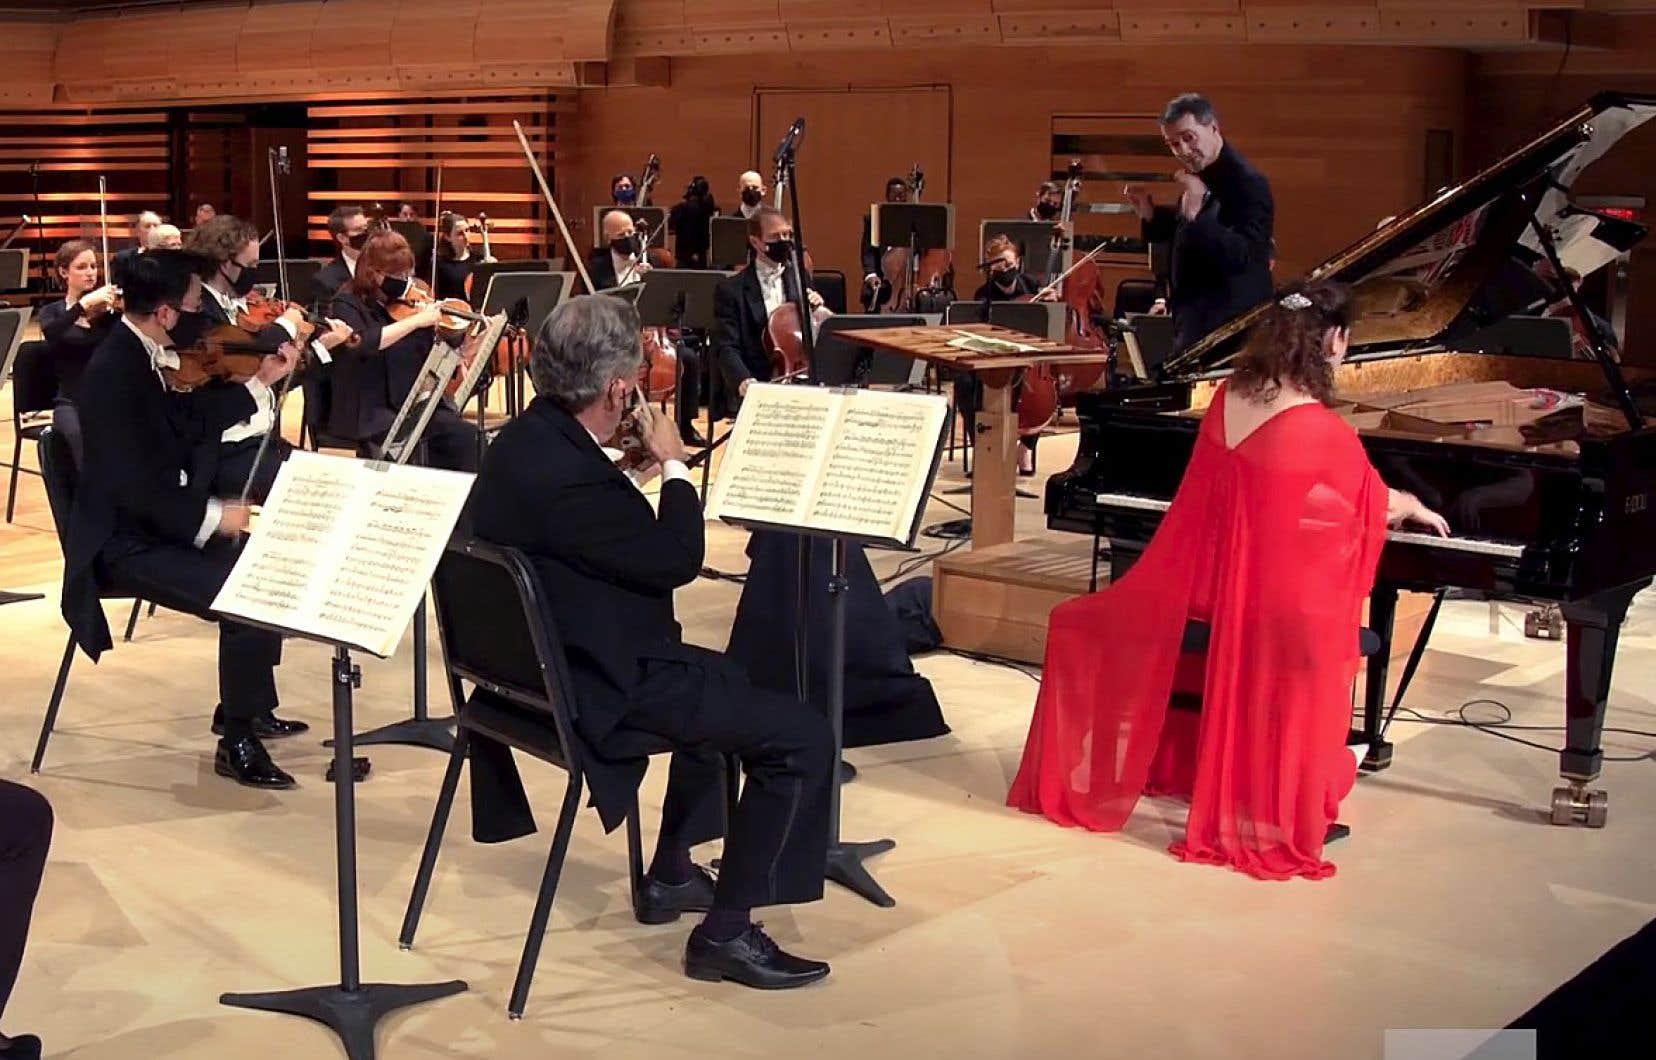 L'Orchestre symphonique de Montréal offre à partir de mardi soir son nouveau concert payant sur Internet: des œuvres de Hétu, de Ravel et de Stravinski avec la pianiste Angela Hewitt et le chef Jacques Lacombe.